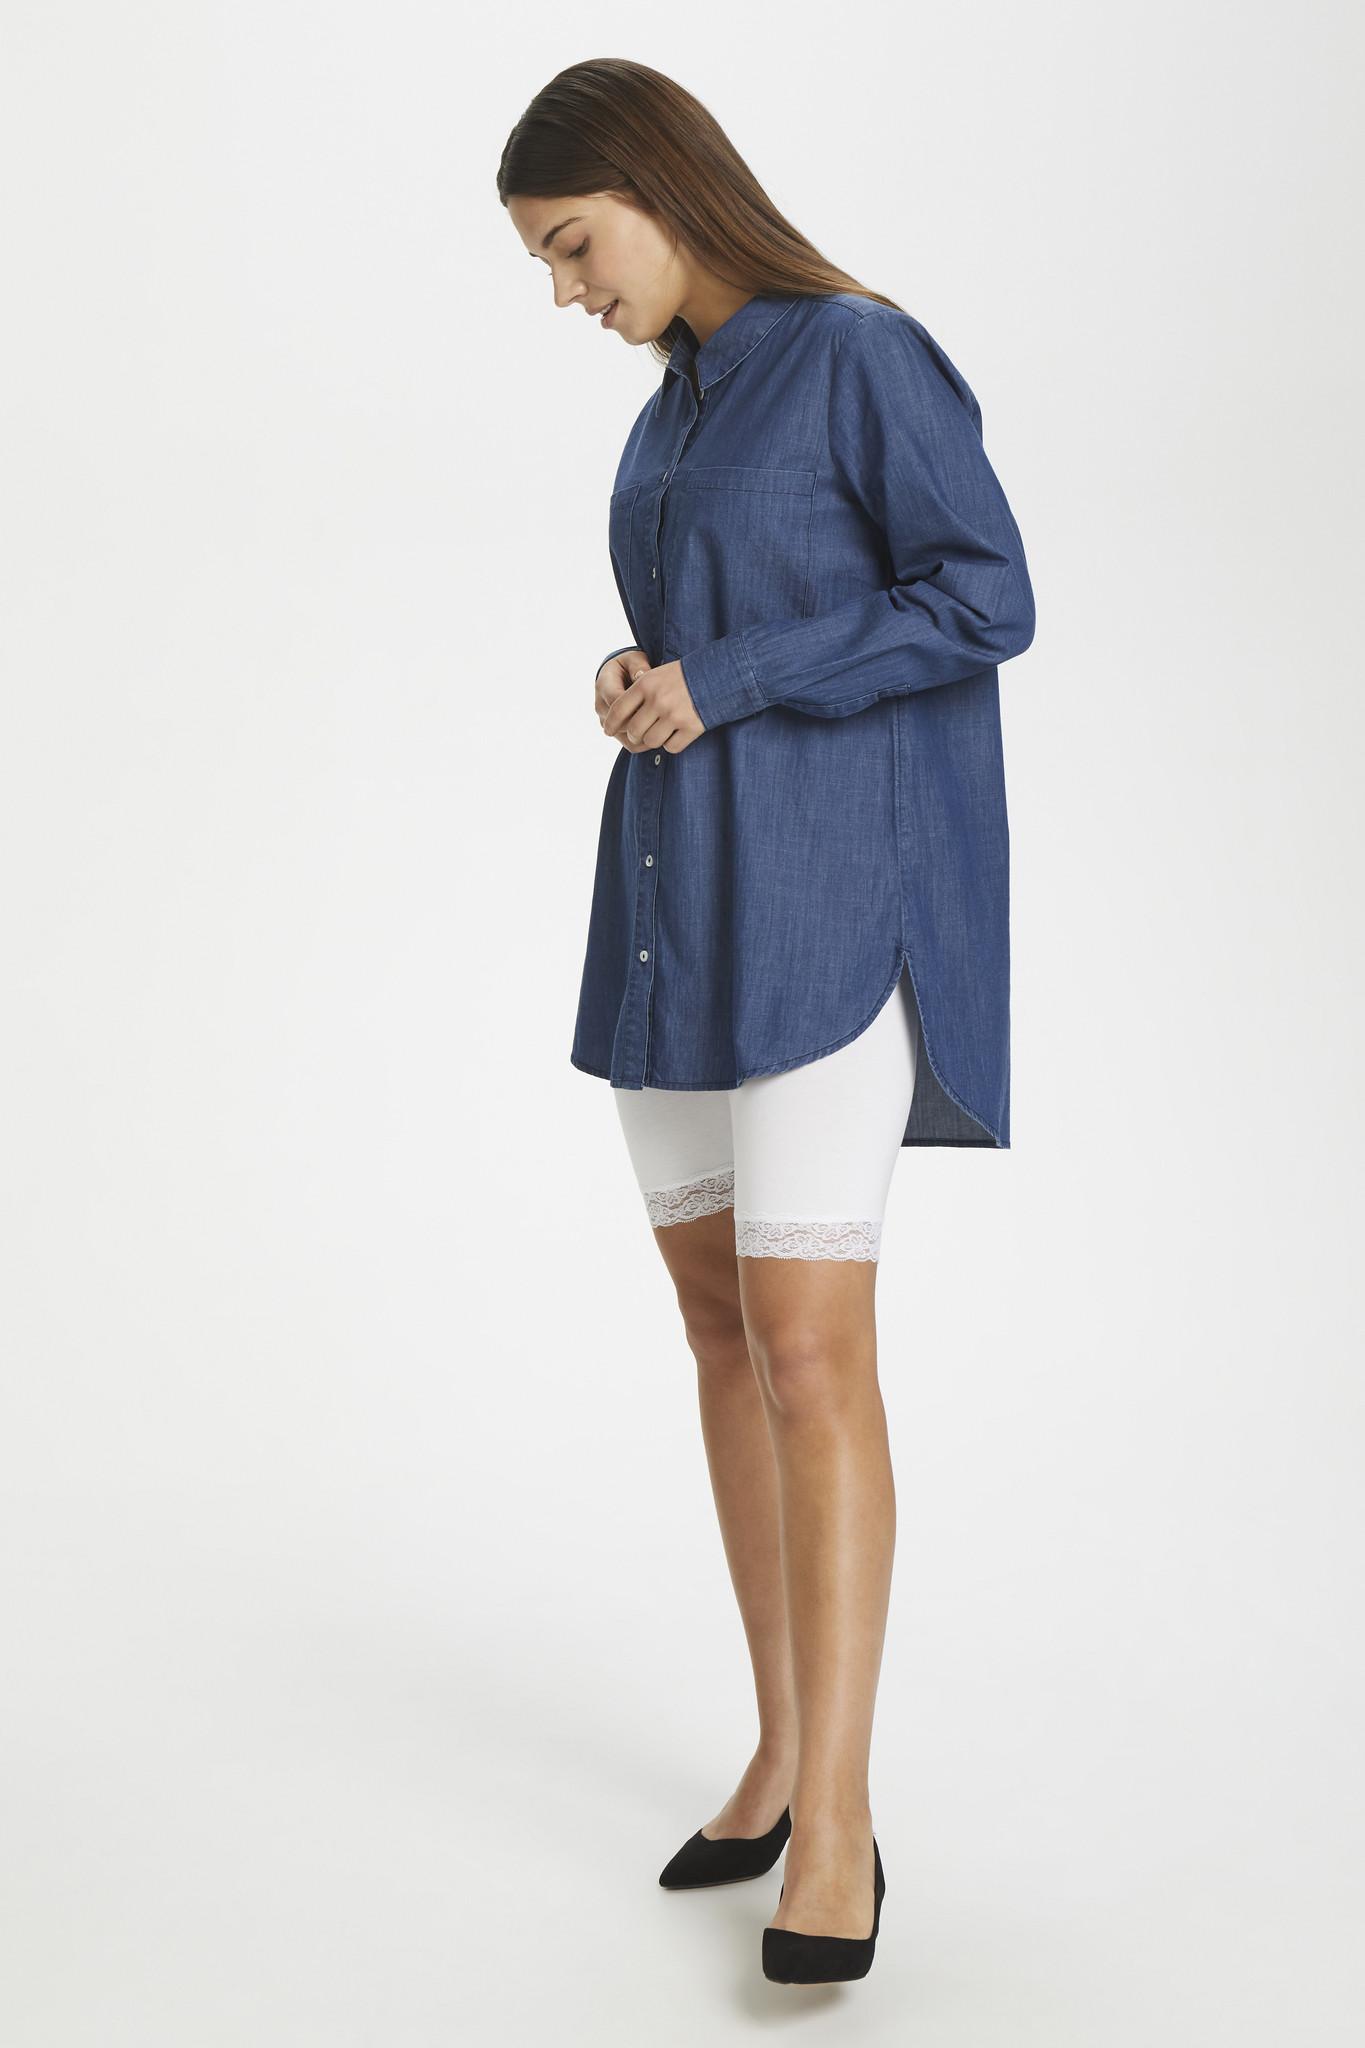 Broek KAsvala Jersey Shorts Optical white-6